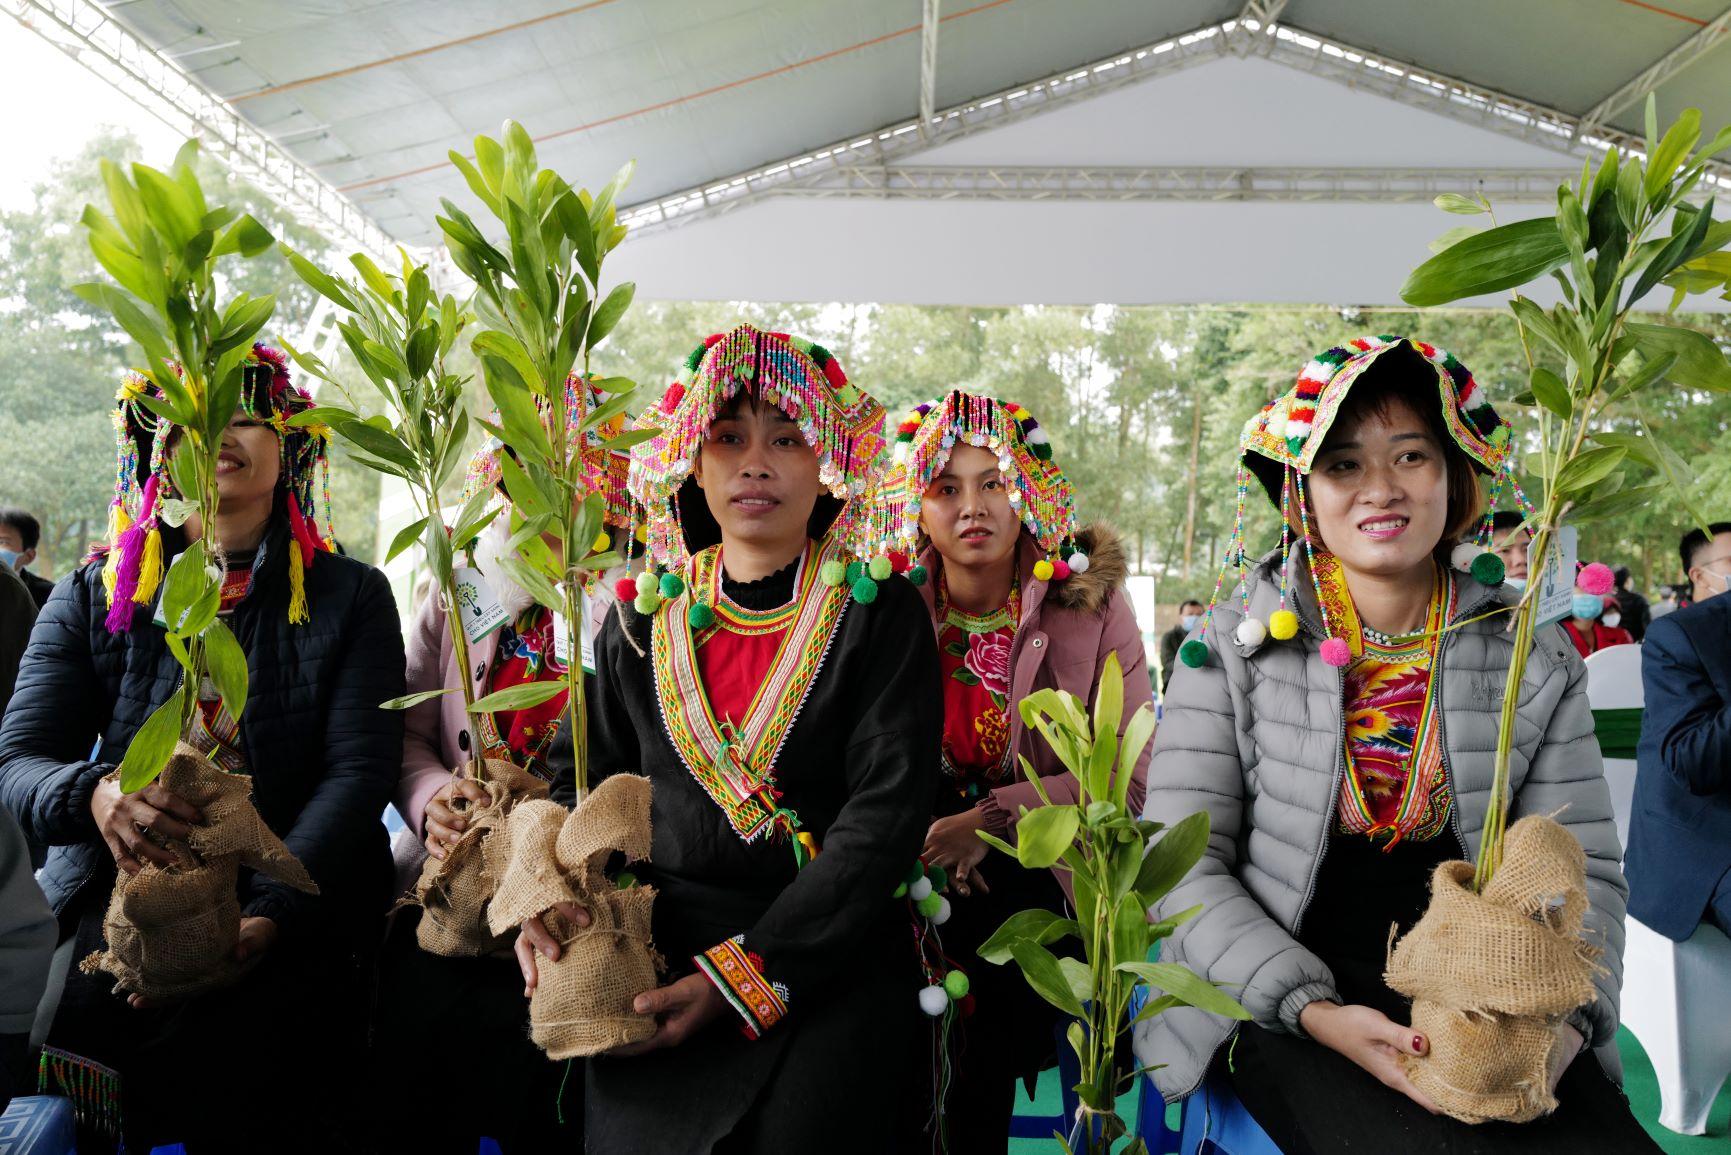 """Quỹ 1 triệu cây xanh cho Việt Nam của Vinamilk - Chương trình vì môi trường tạo được """"dấu ấn xanh"""" đặc biệt với cộng đồng 8"""